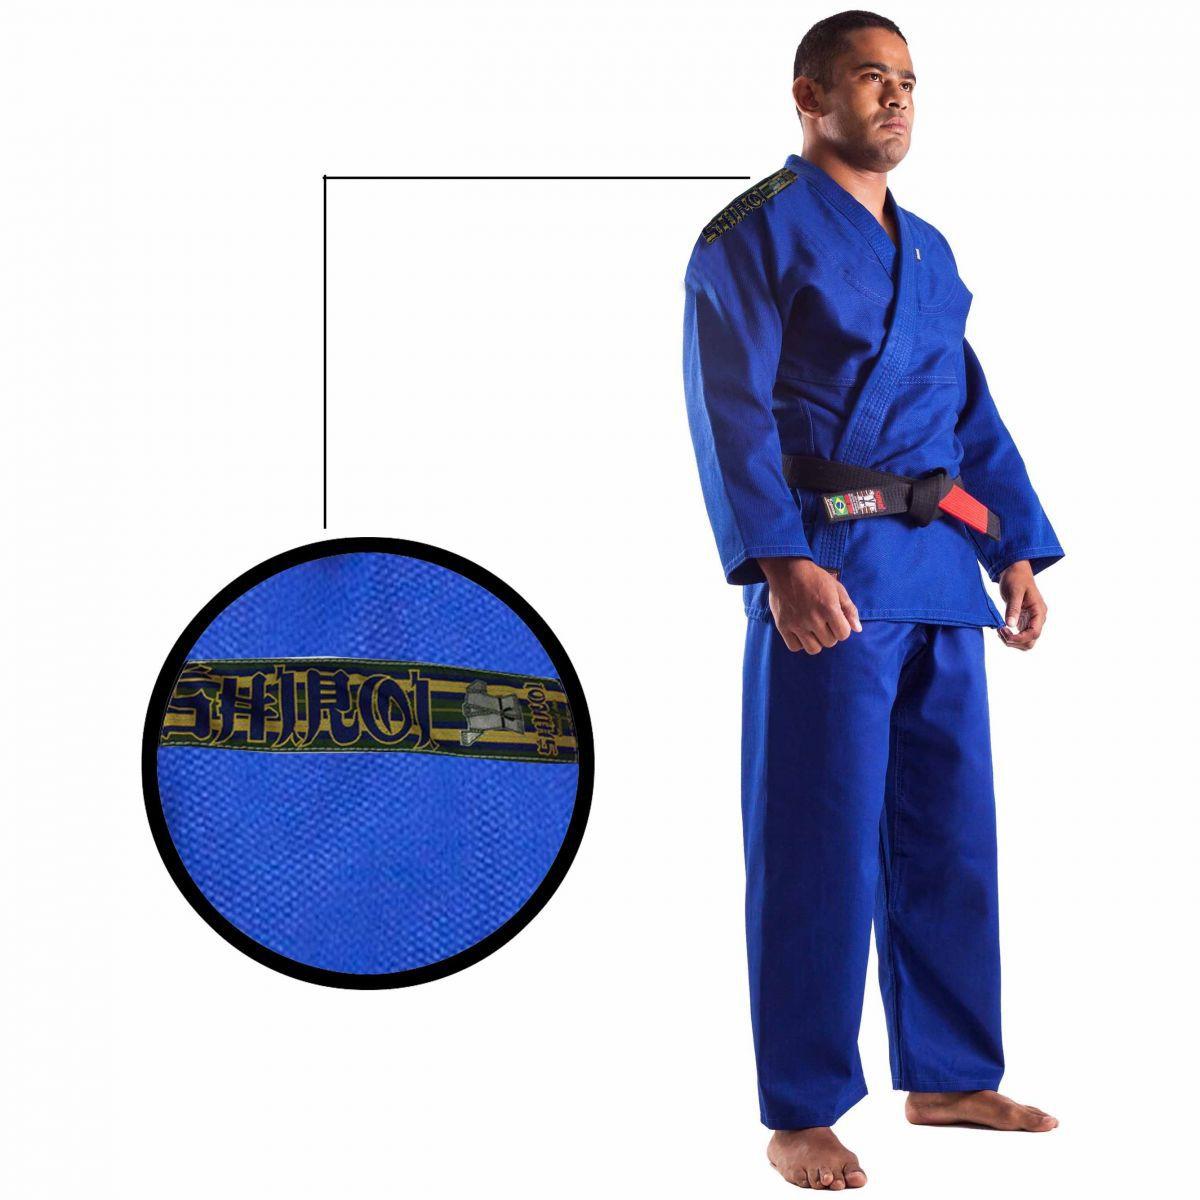 Kimono Jiu Jitsu - Trançadinho - Single  - Adulto - Shiroi - Azul .  - Loja do Competidor